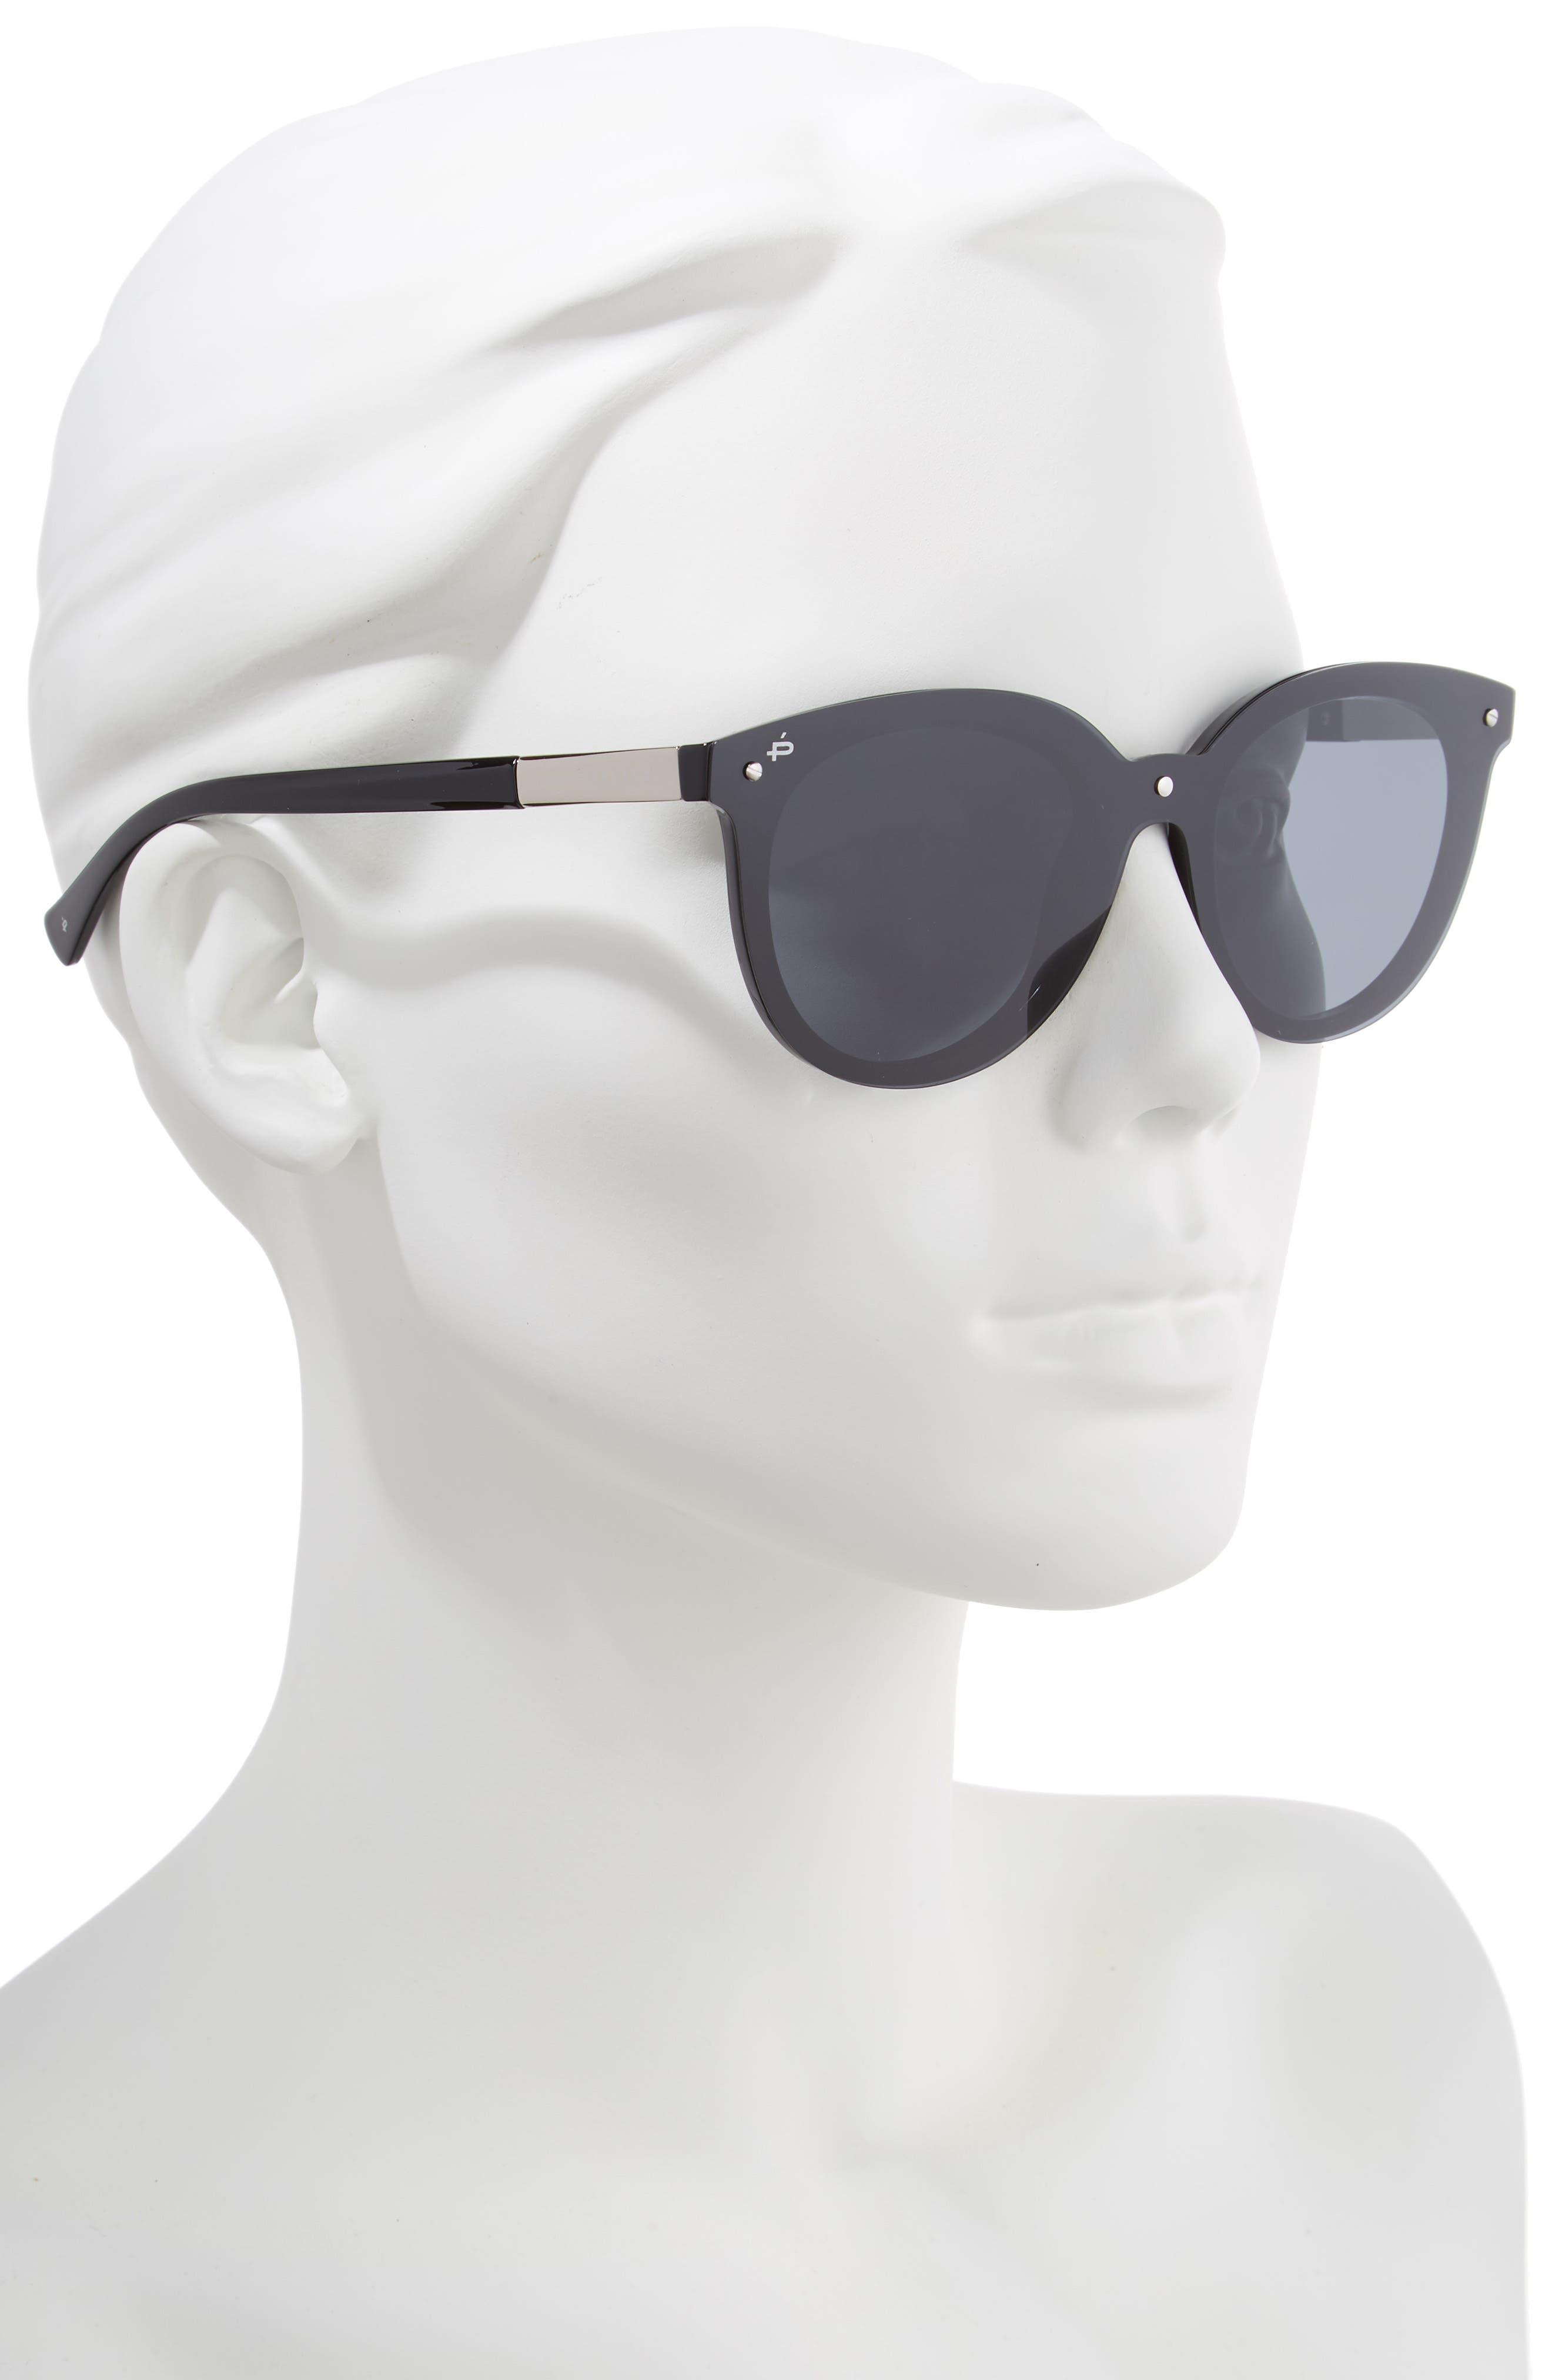 Privé Revaux The Casablanca 52mm Sunglasses,                             Alternate thumbnail 2, color,                             001